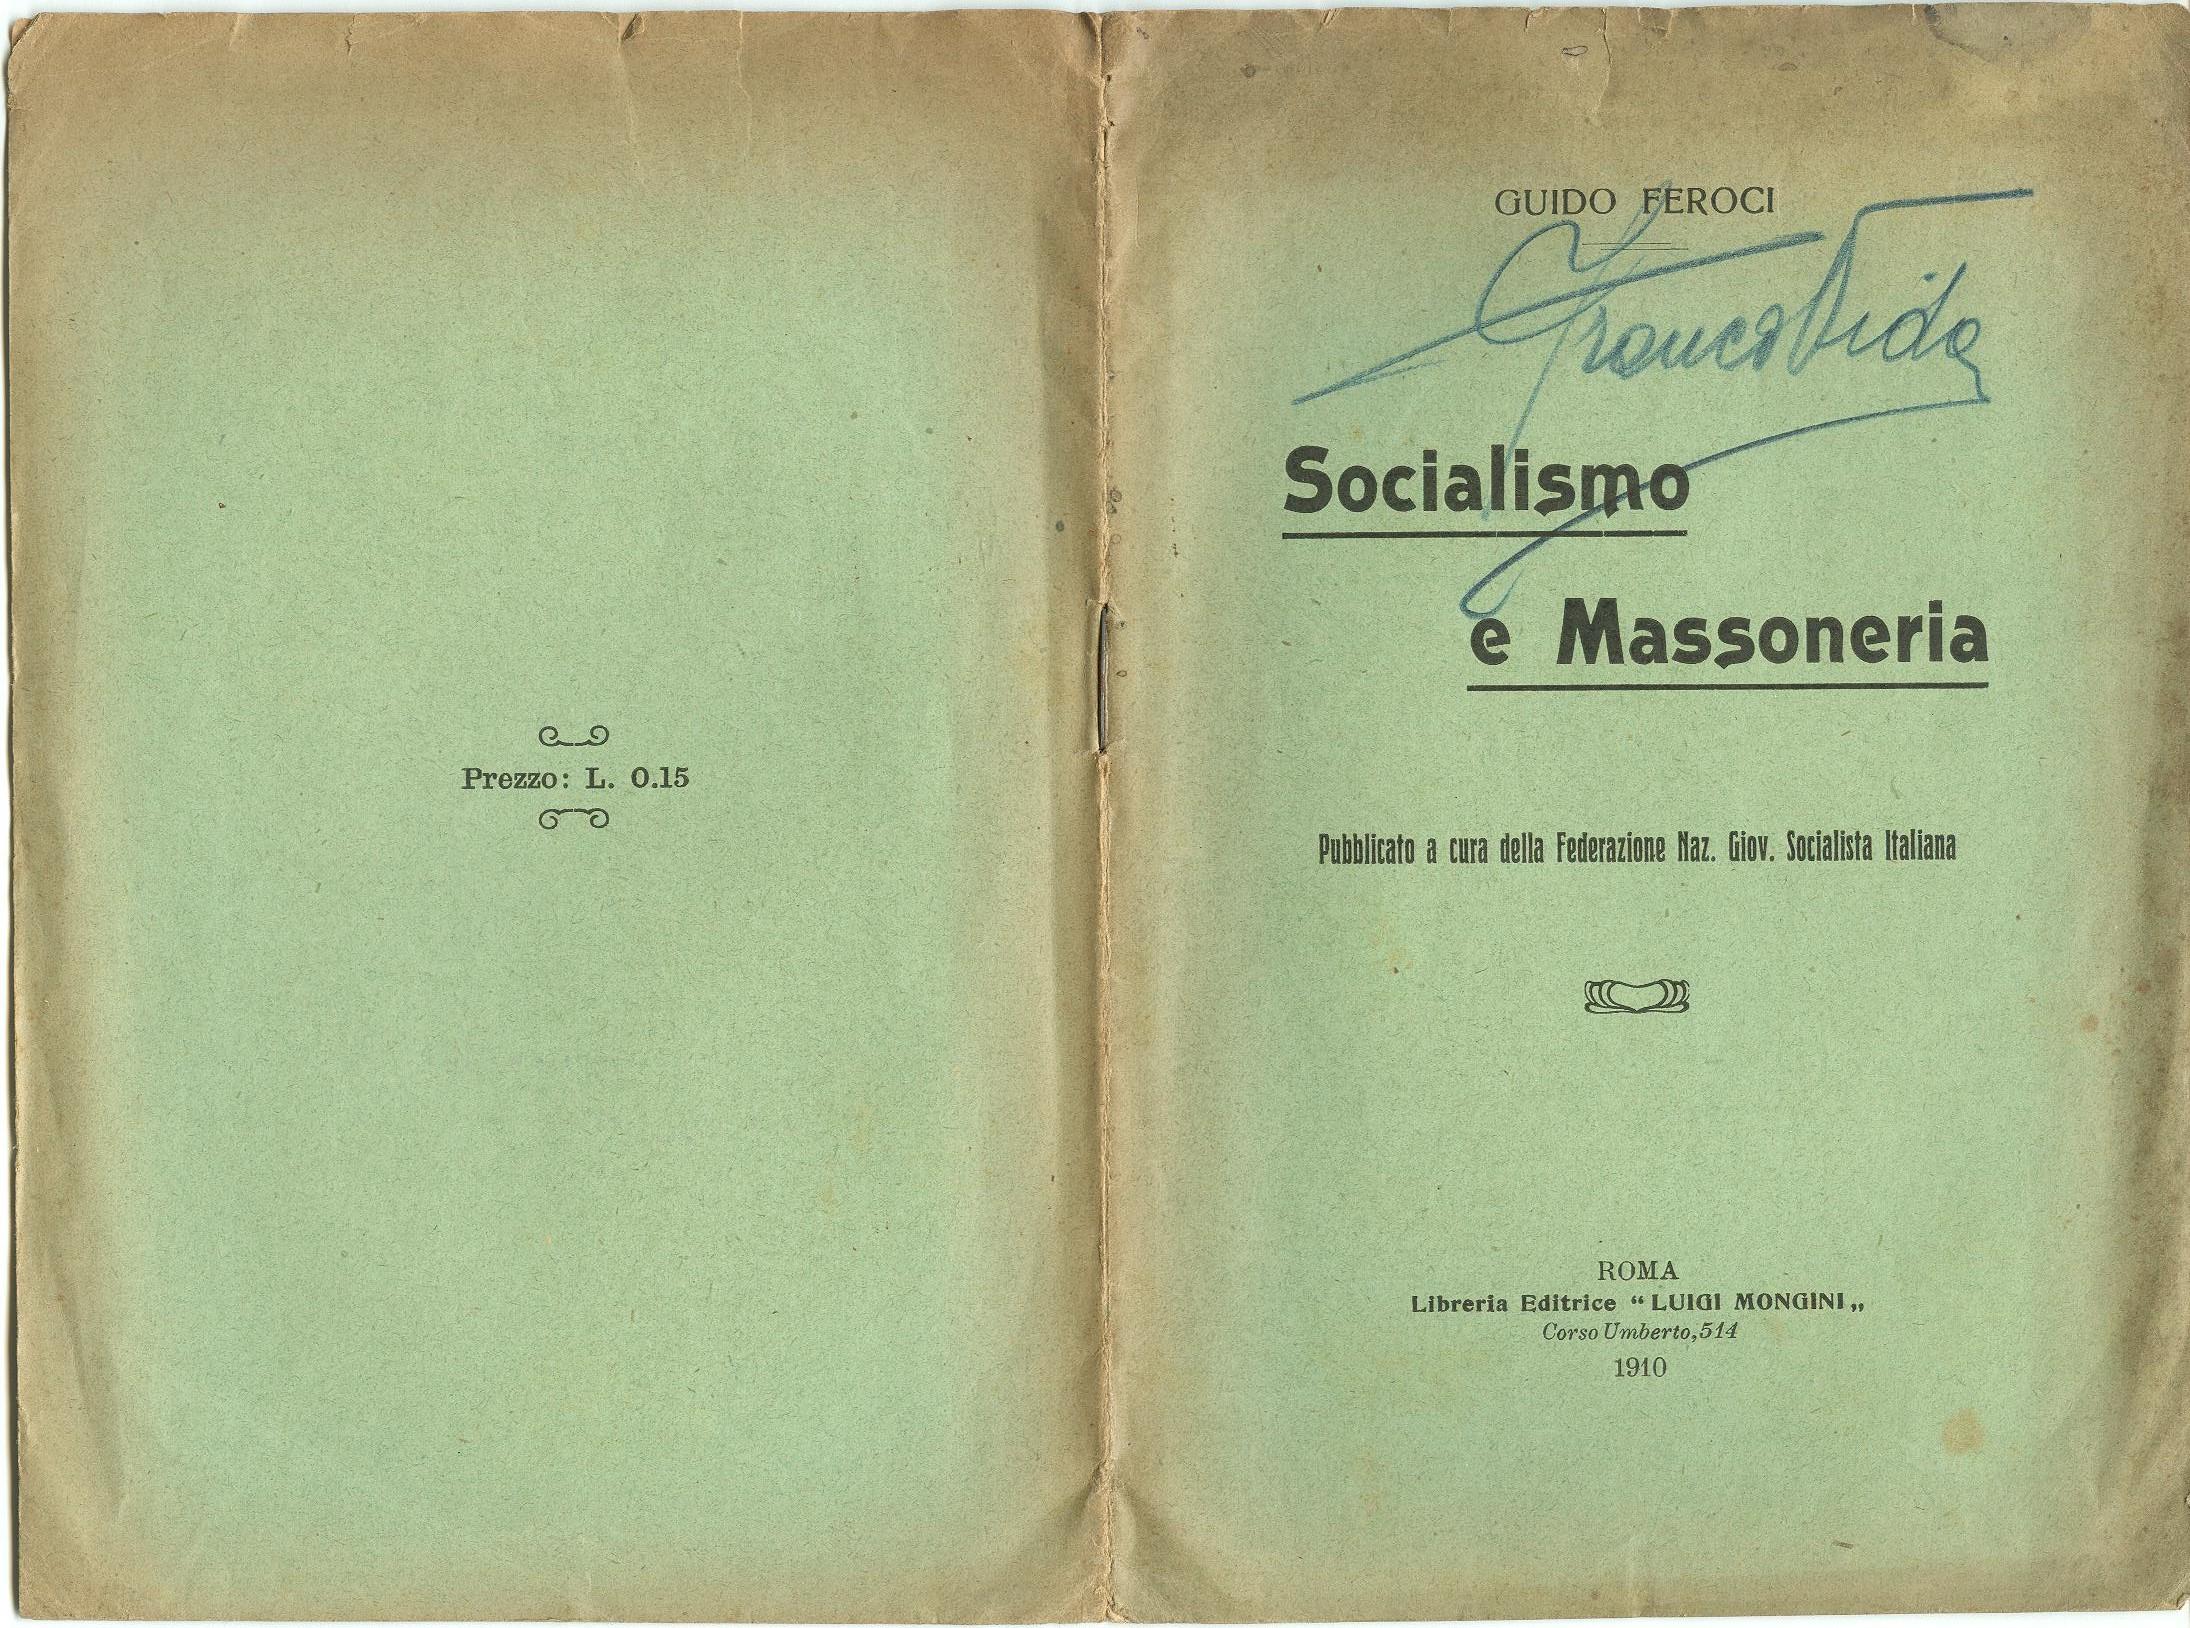 Guido Feroci, Socialismo e Massoneria (1910) - pag. 1